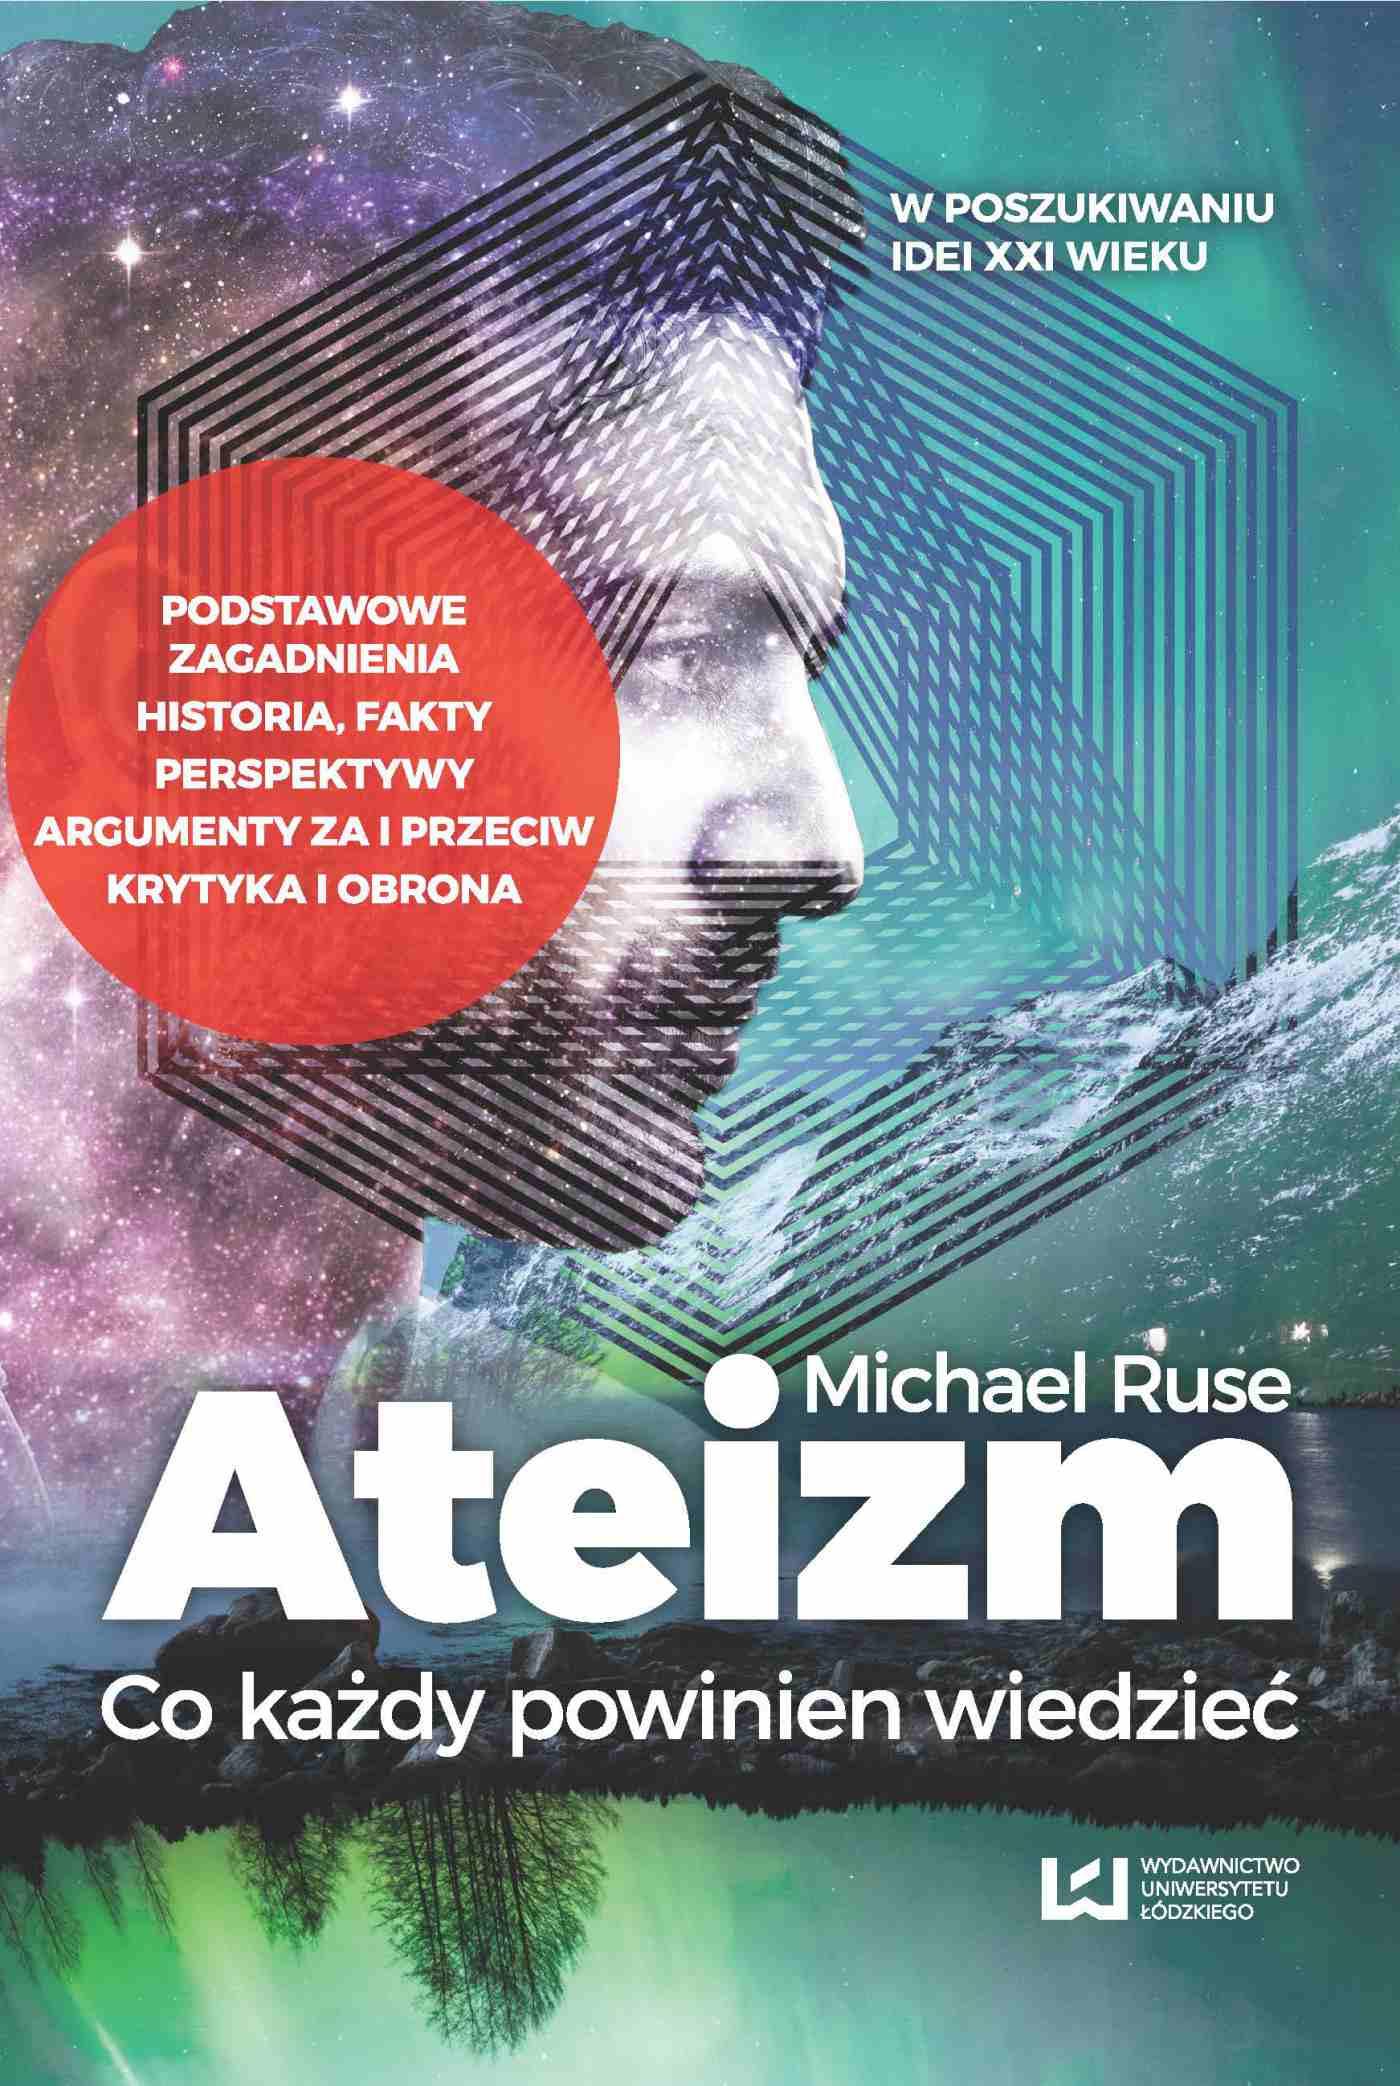 Ateizm. Co każdy powinien wiedzieć – w tłumaczeniu Tomasza Sieczkowskiego - Ebook (Książka PDF) do pobrania w formacie PDF